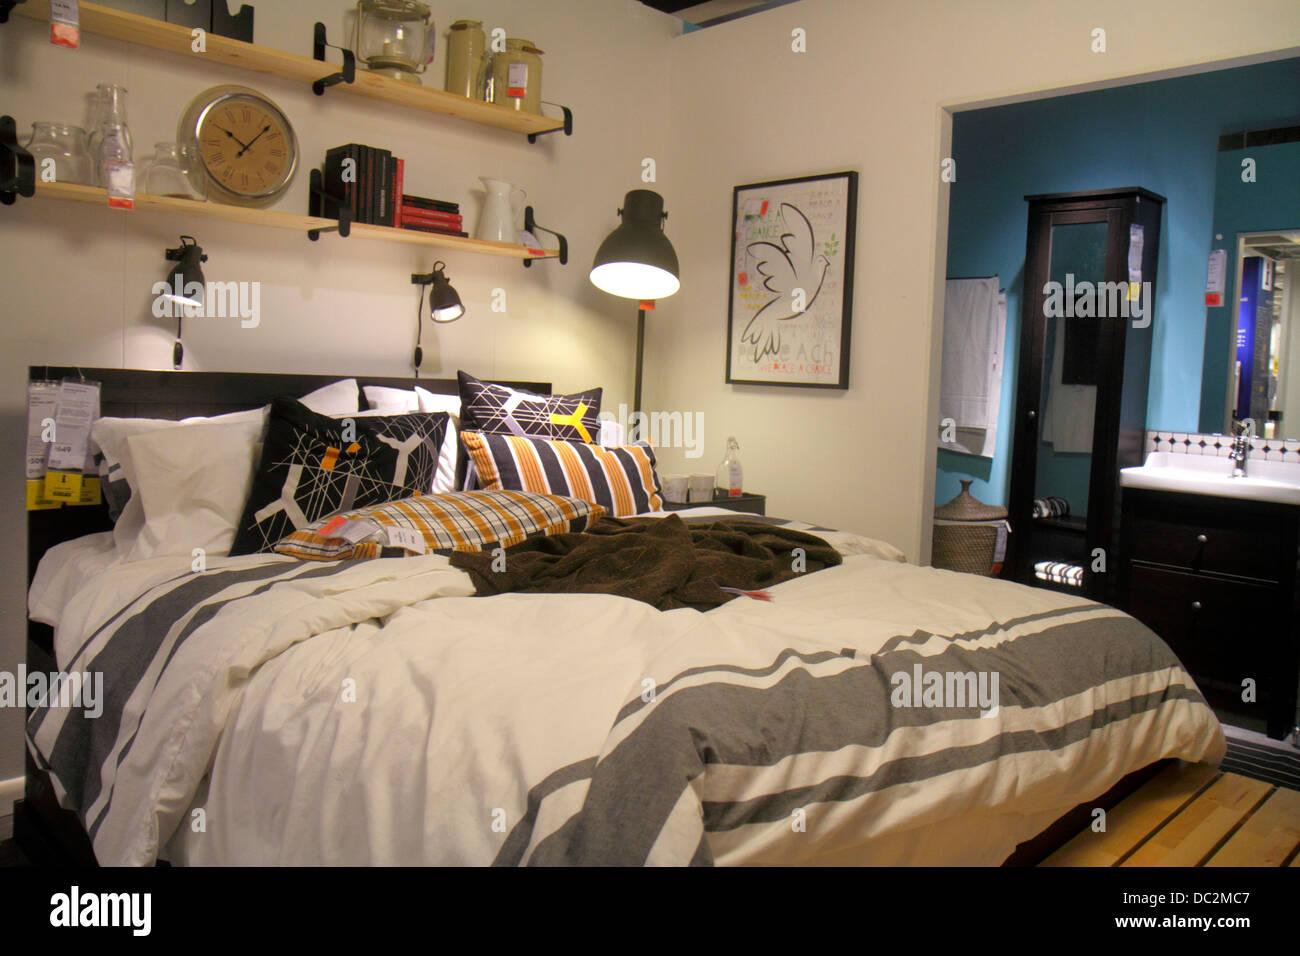 Florida Sunrise Fort ft. Lauderdale IKEA Einrichtungsgegenstände ...